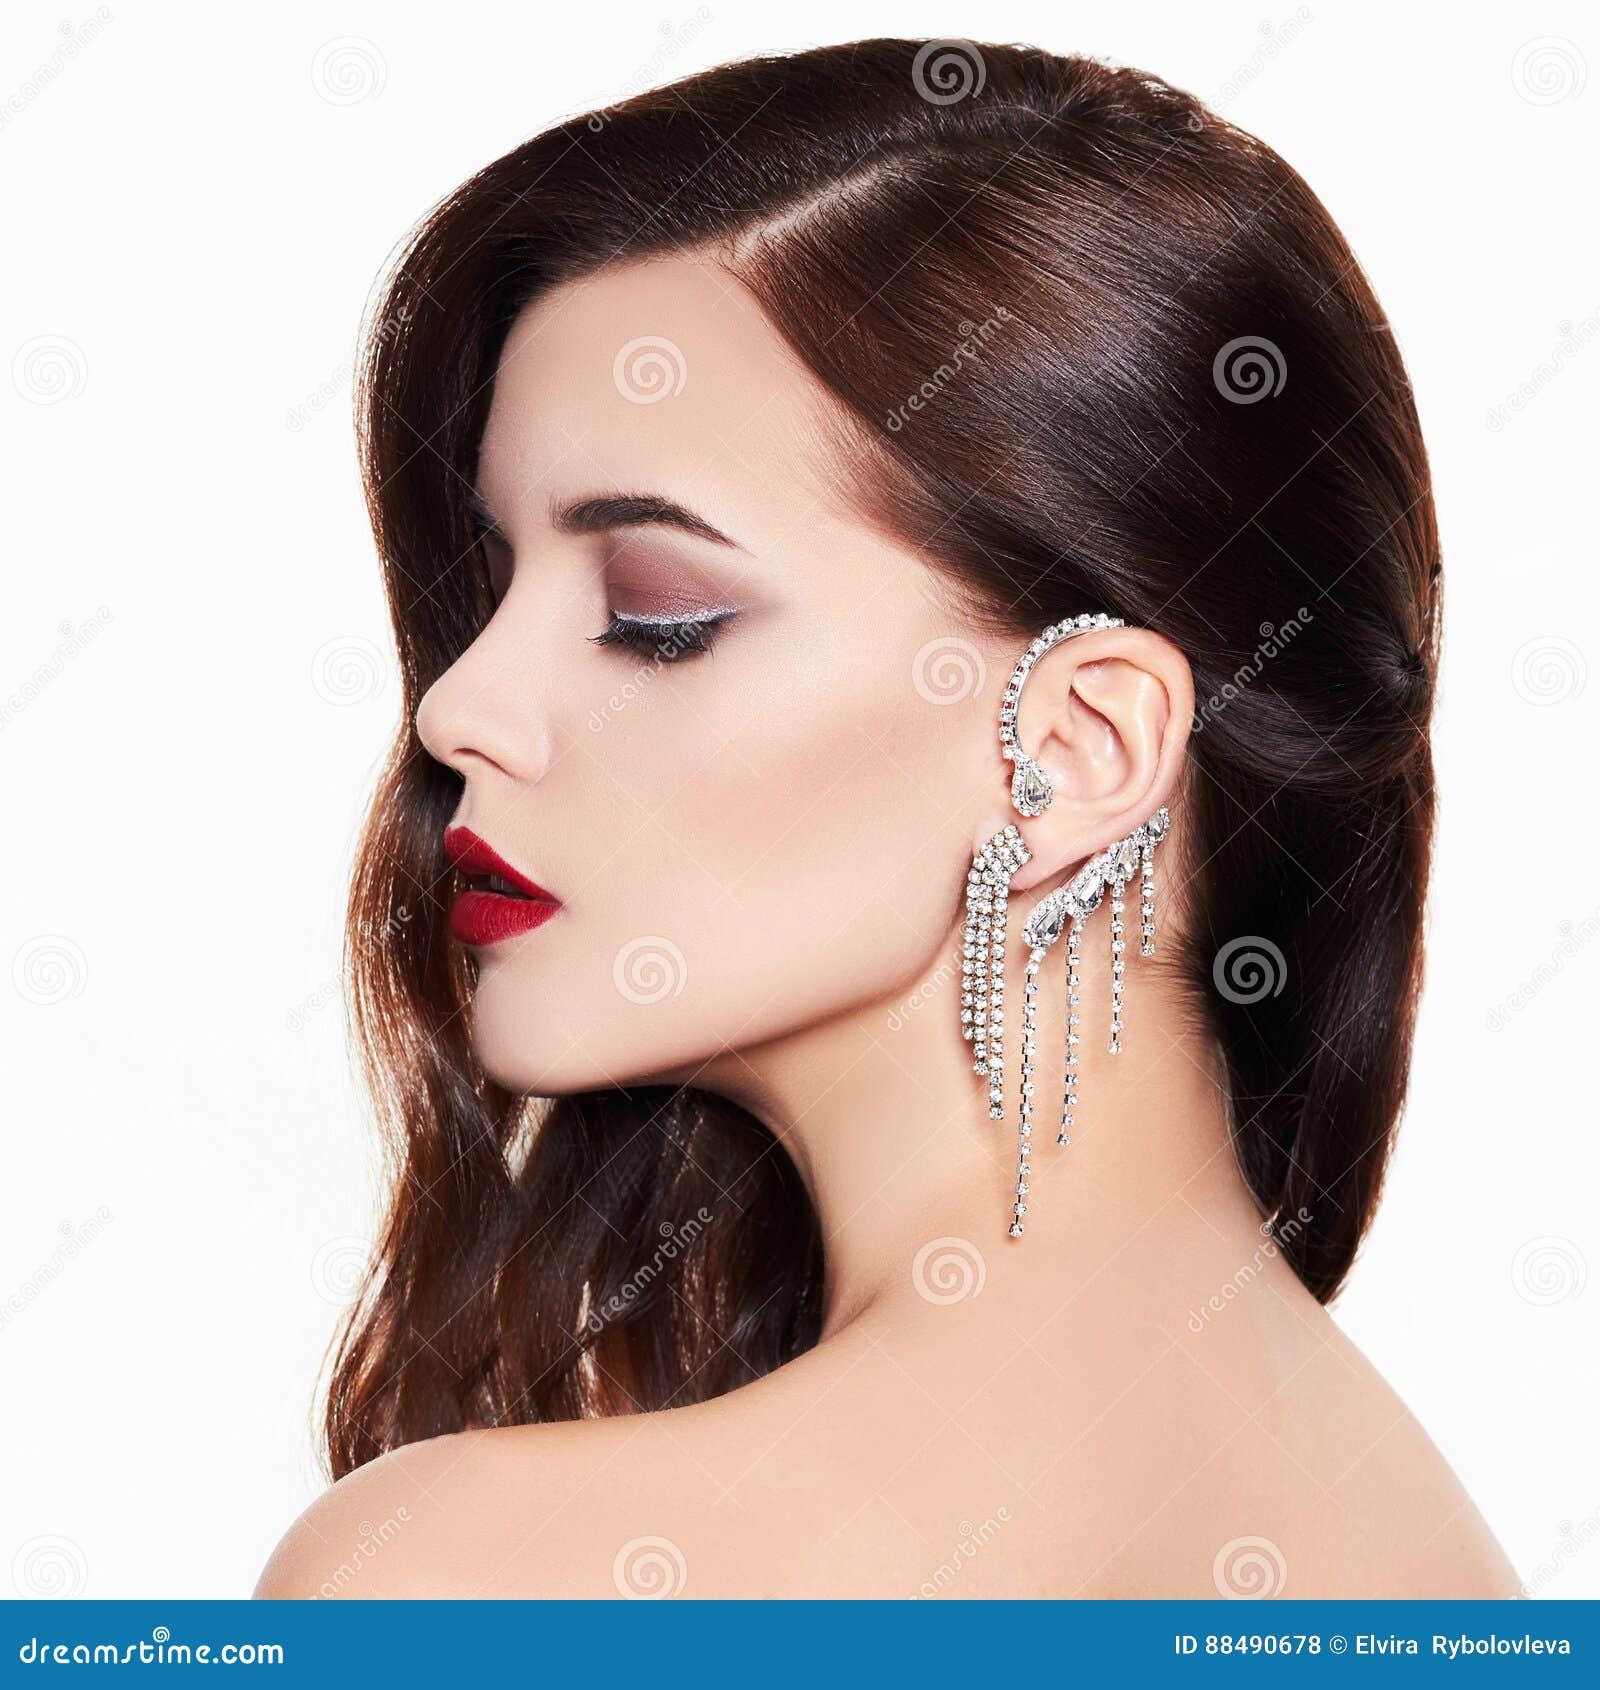 Beautiful and fashion model